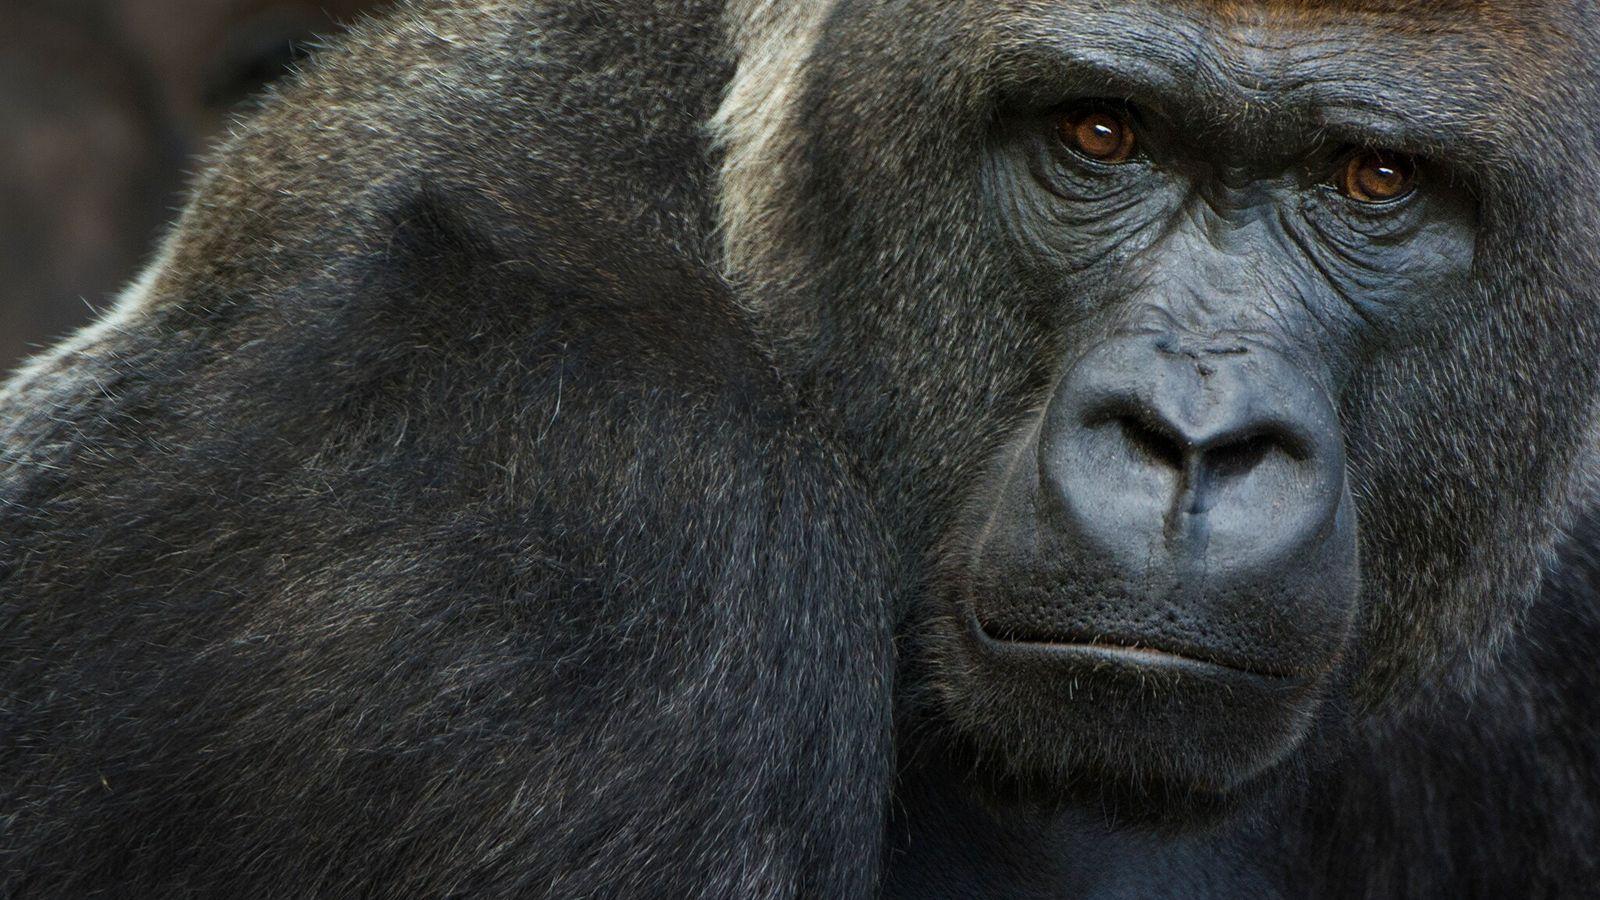 Les gorilles des plaines de l'ouest en danger critique d'extinction sont connus pour être sensibles au ...